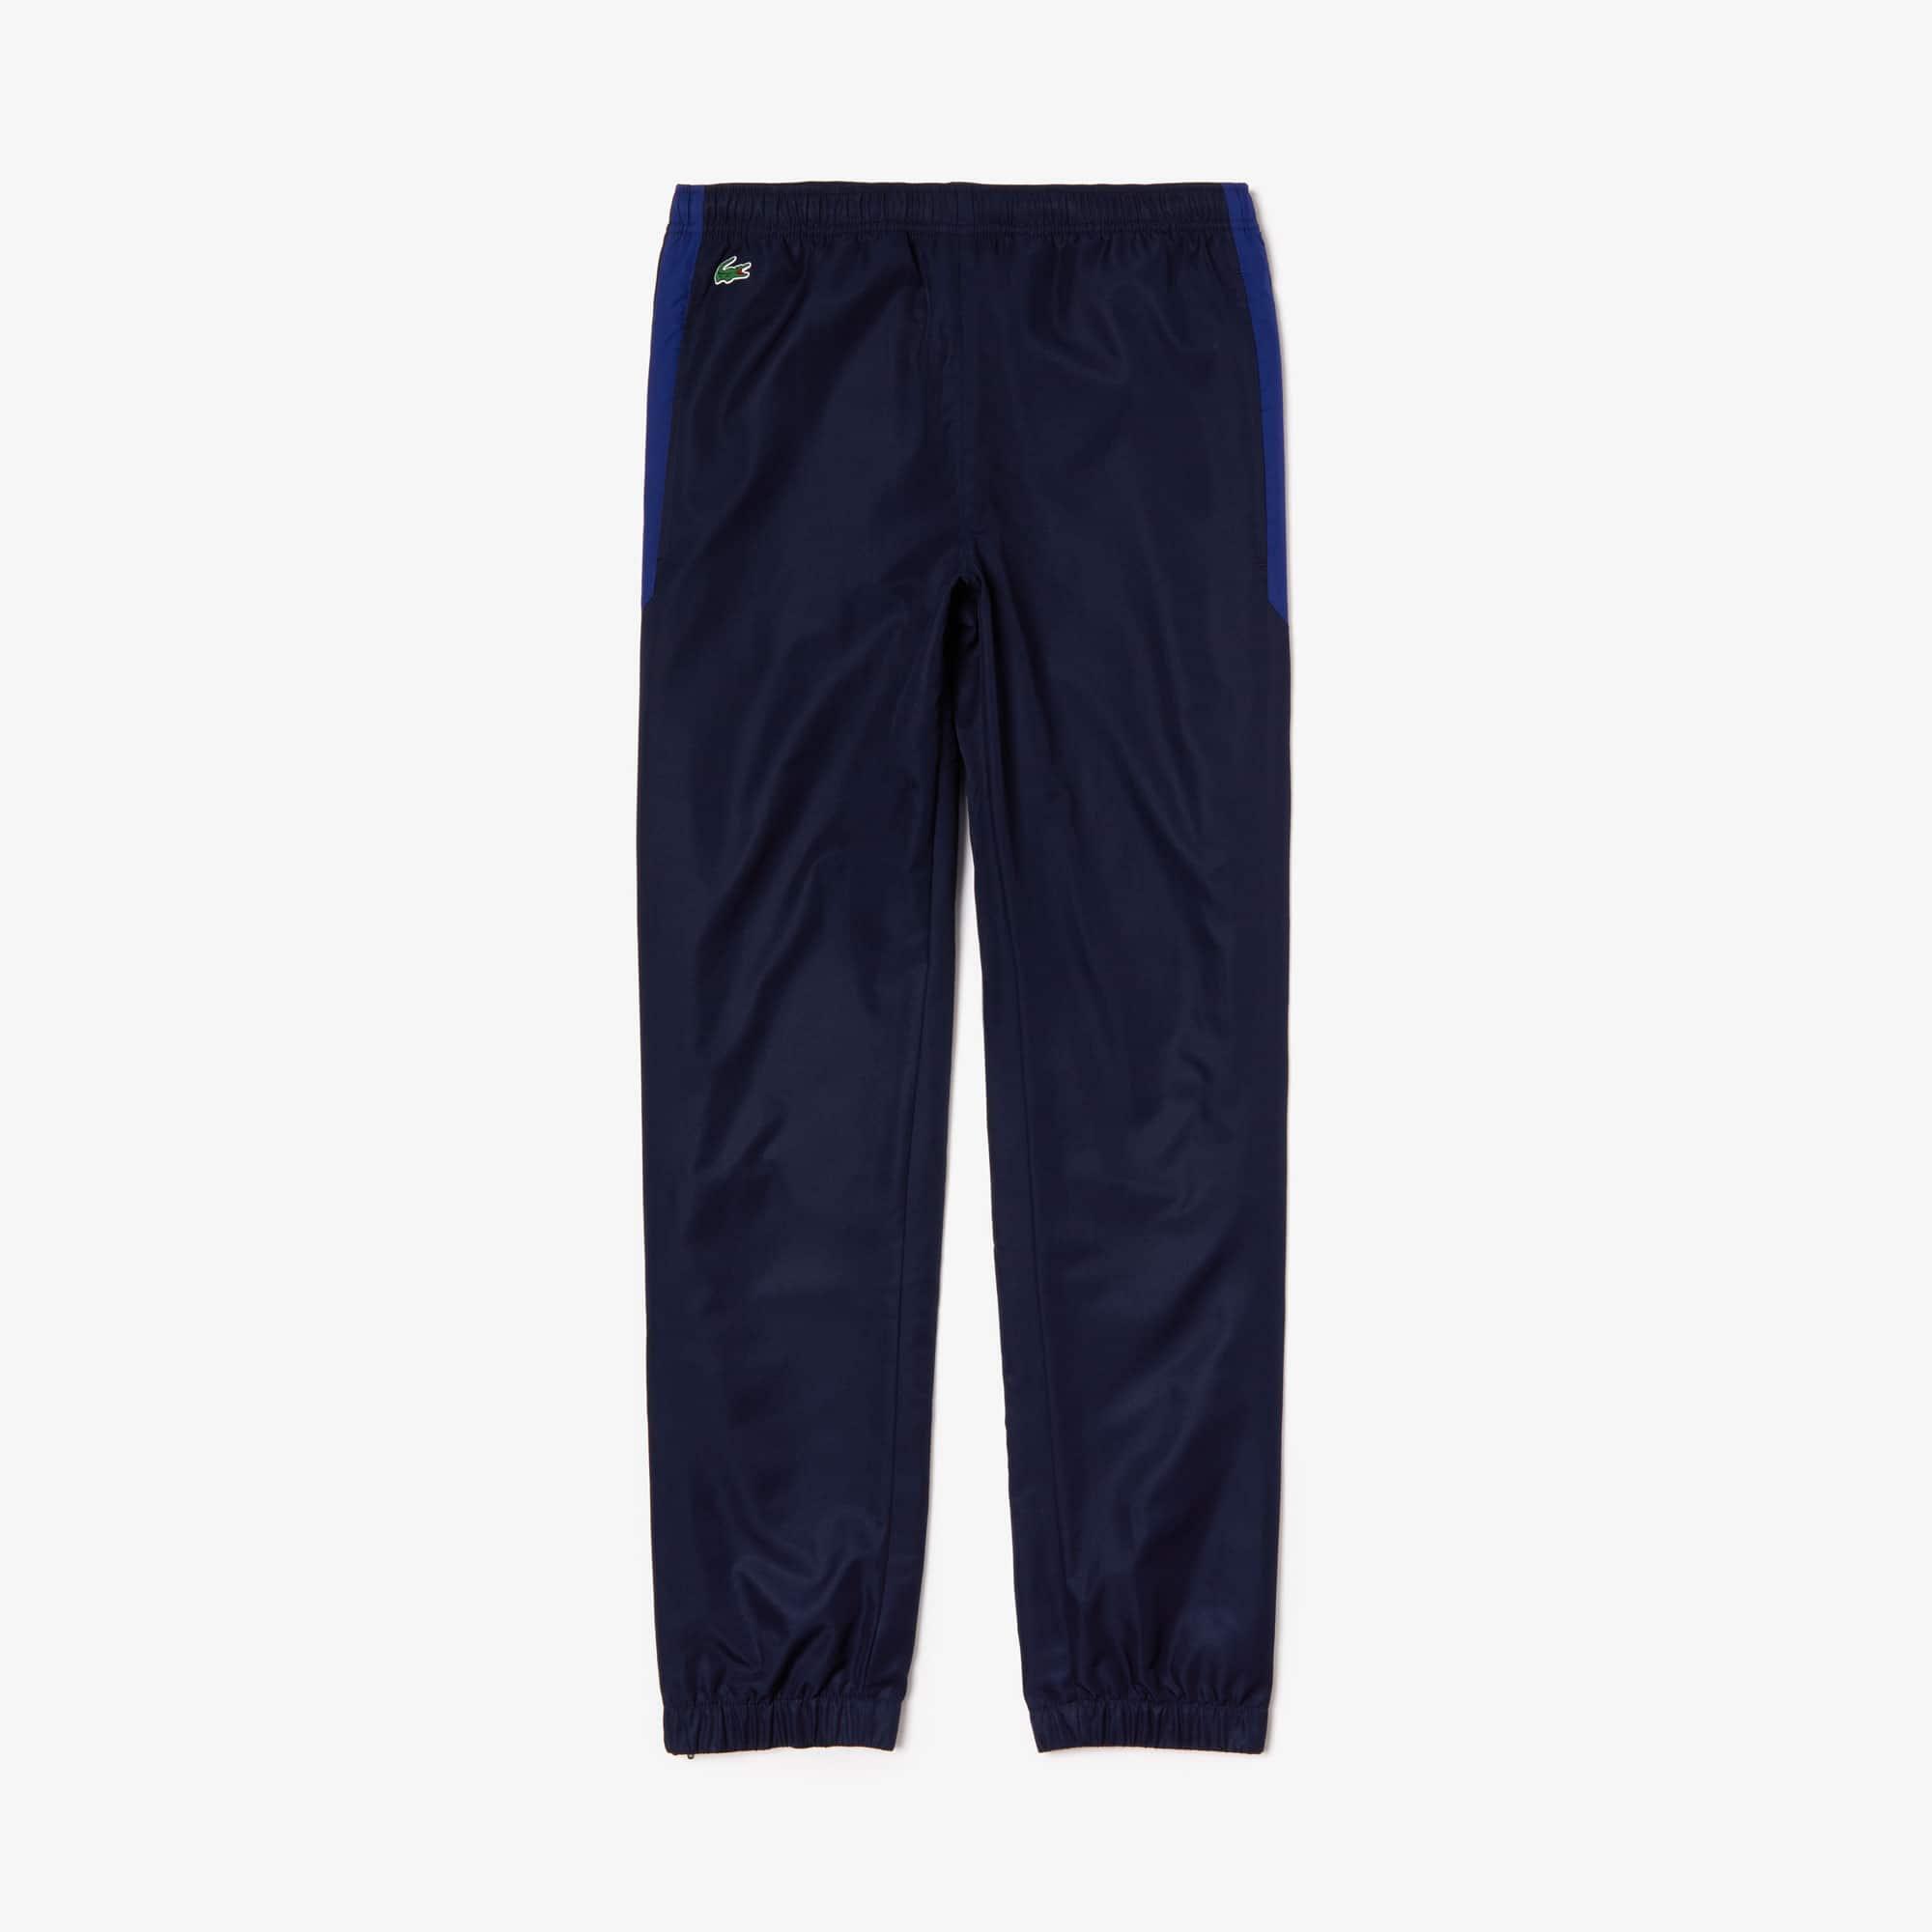 16ec3b04 Men's Lacoste SPORT Lettering Colourblock Sweatpants. £90.00. + 4 colours